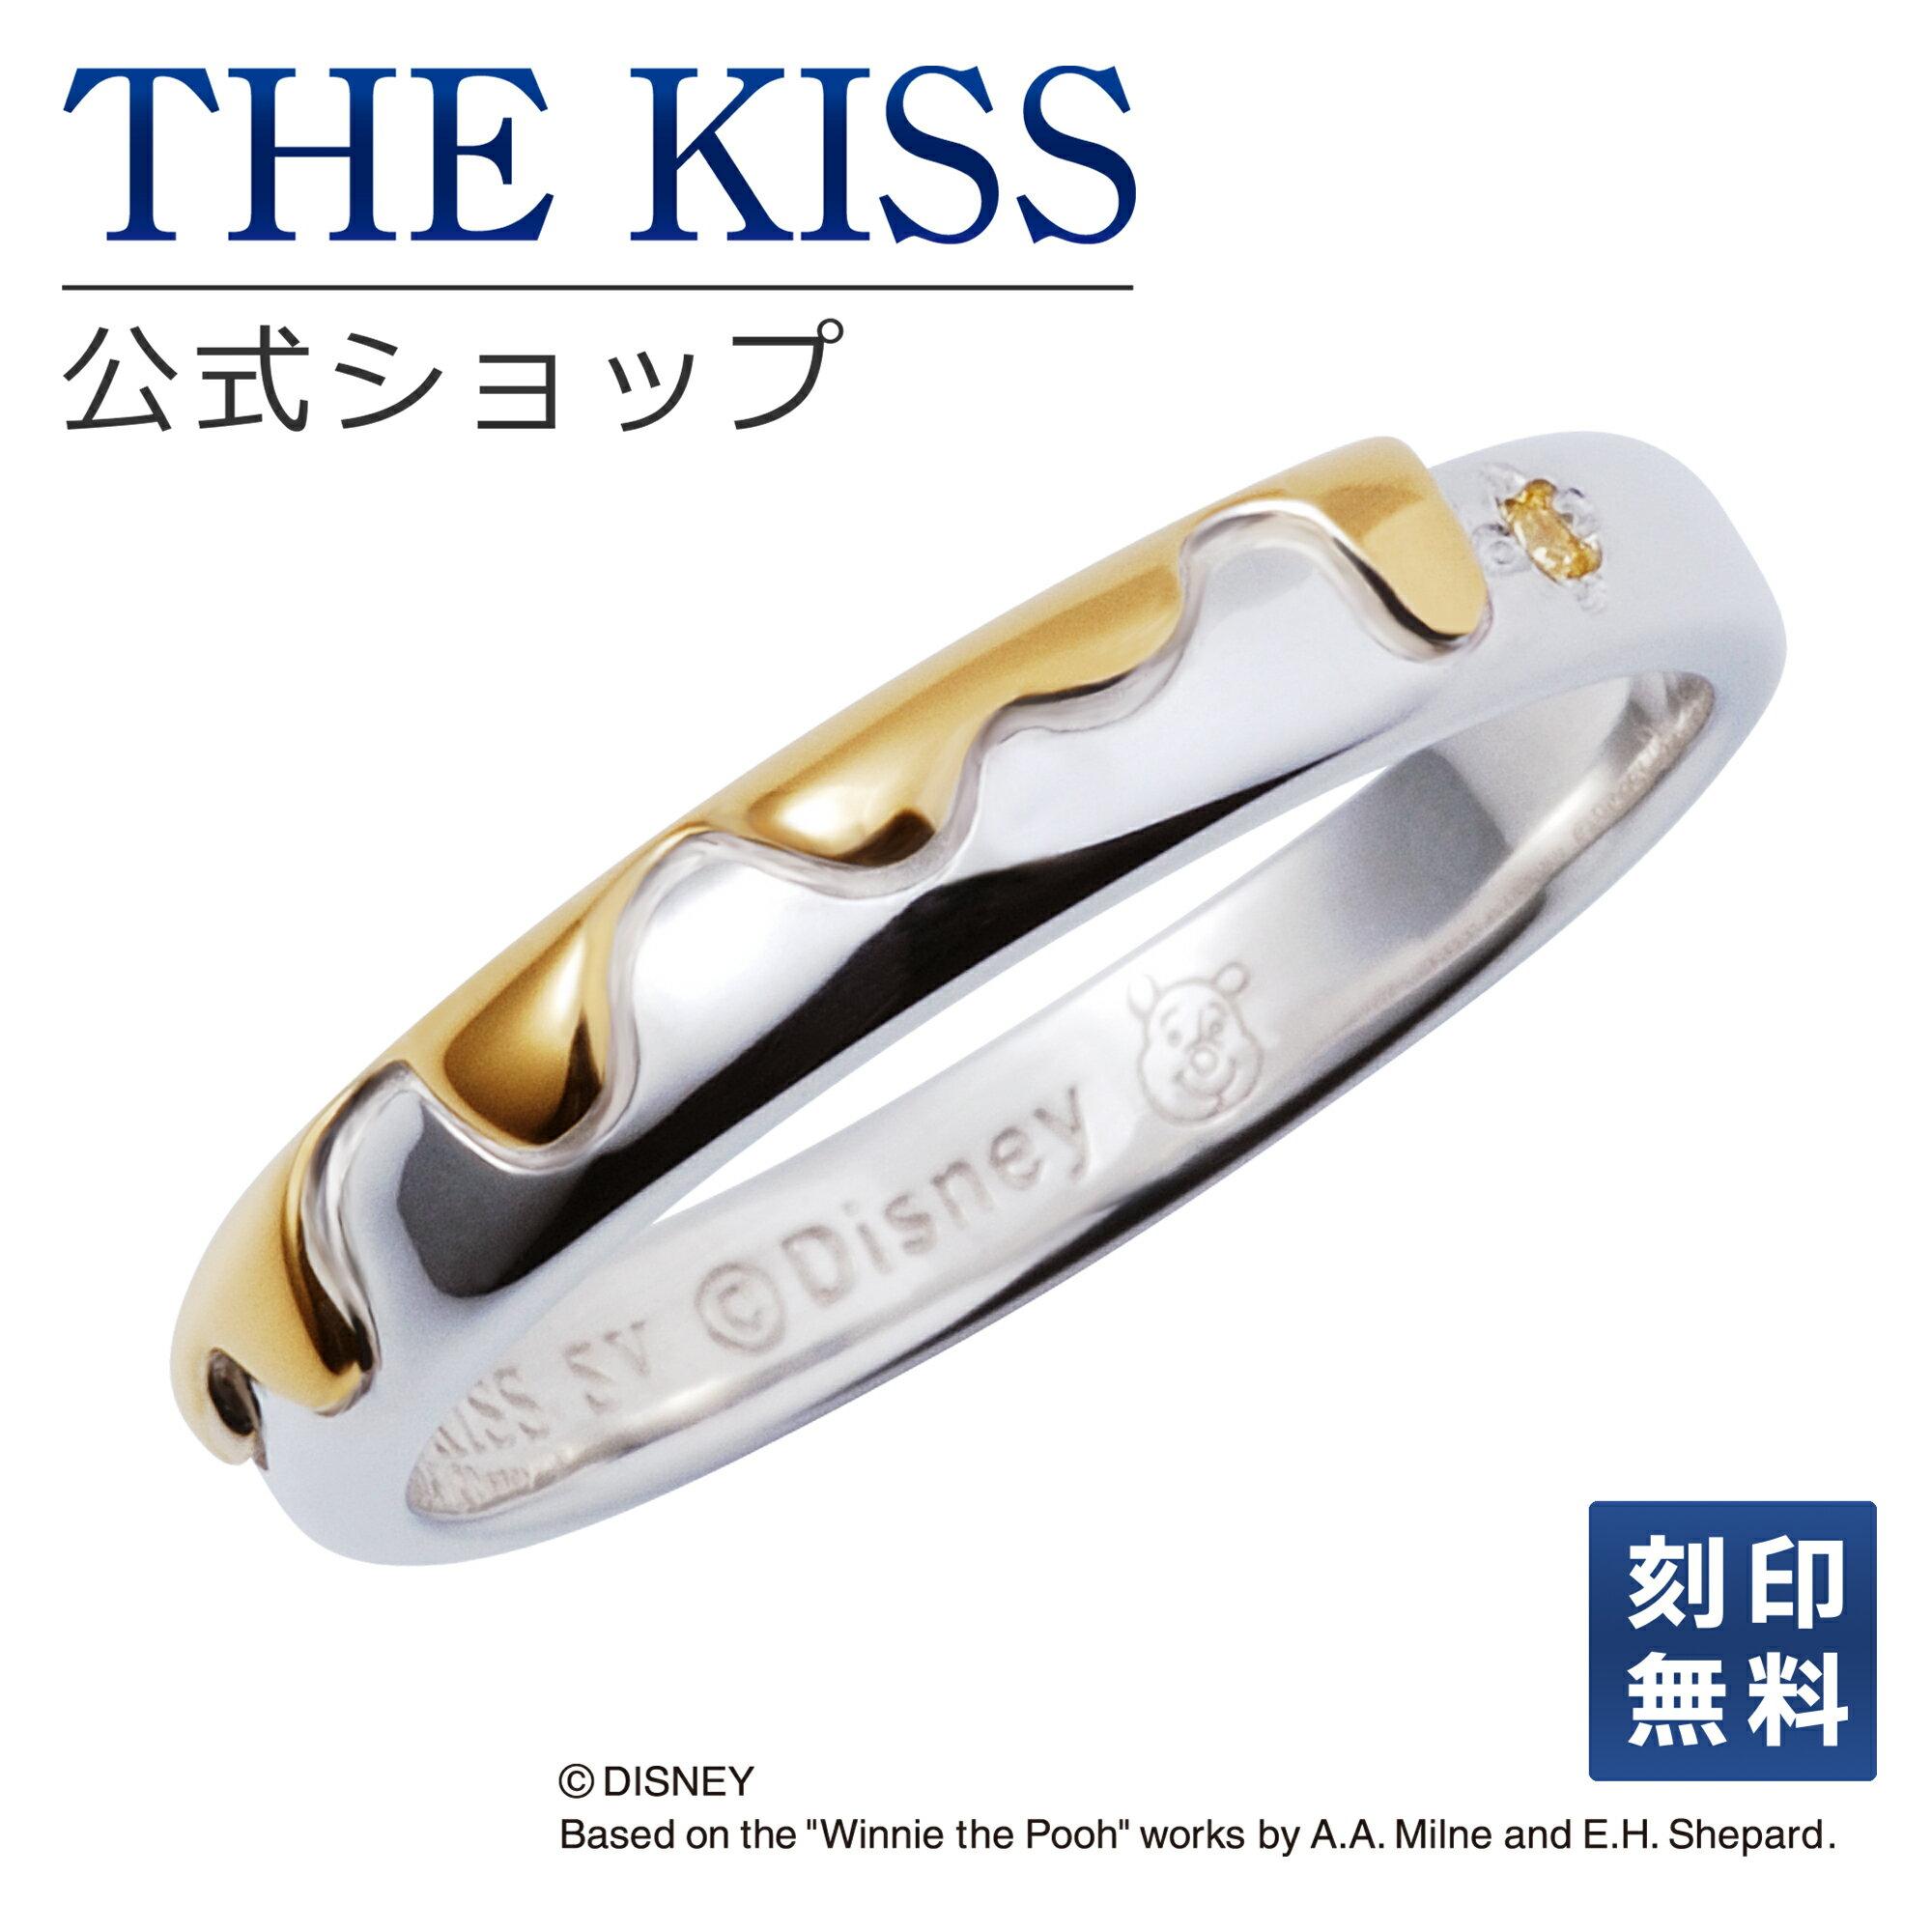 【あす楽対応】【ディズニーコレクション】 ディズニー / ペアリング / くまのプーさん / ハチミツ / THE KISS リング・指輪 シルバー キュービック (レディース メンズ 単品) DI-SR703CB ザキス 【送料無料】【Disneyzone】